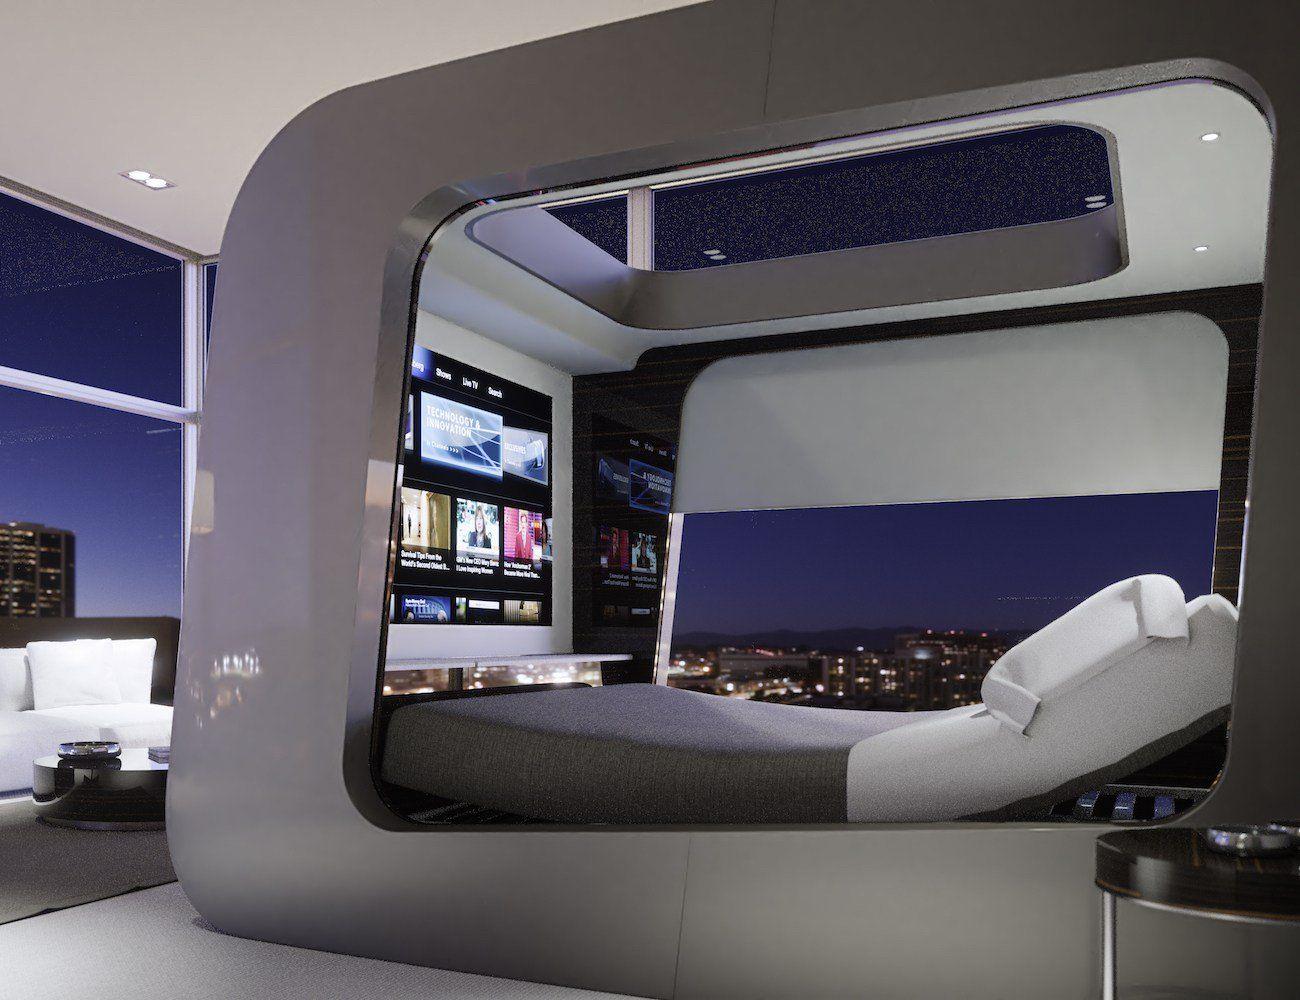 HiCan Revolutionary Smart Bed » Gadget Flow Smart bed